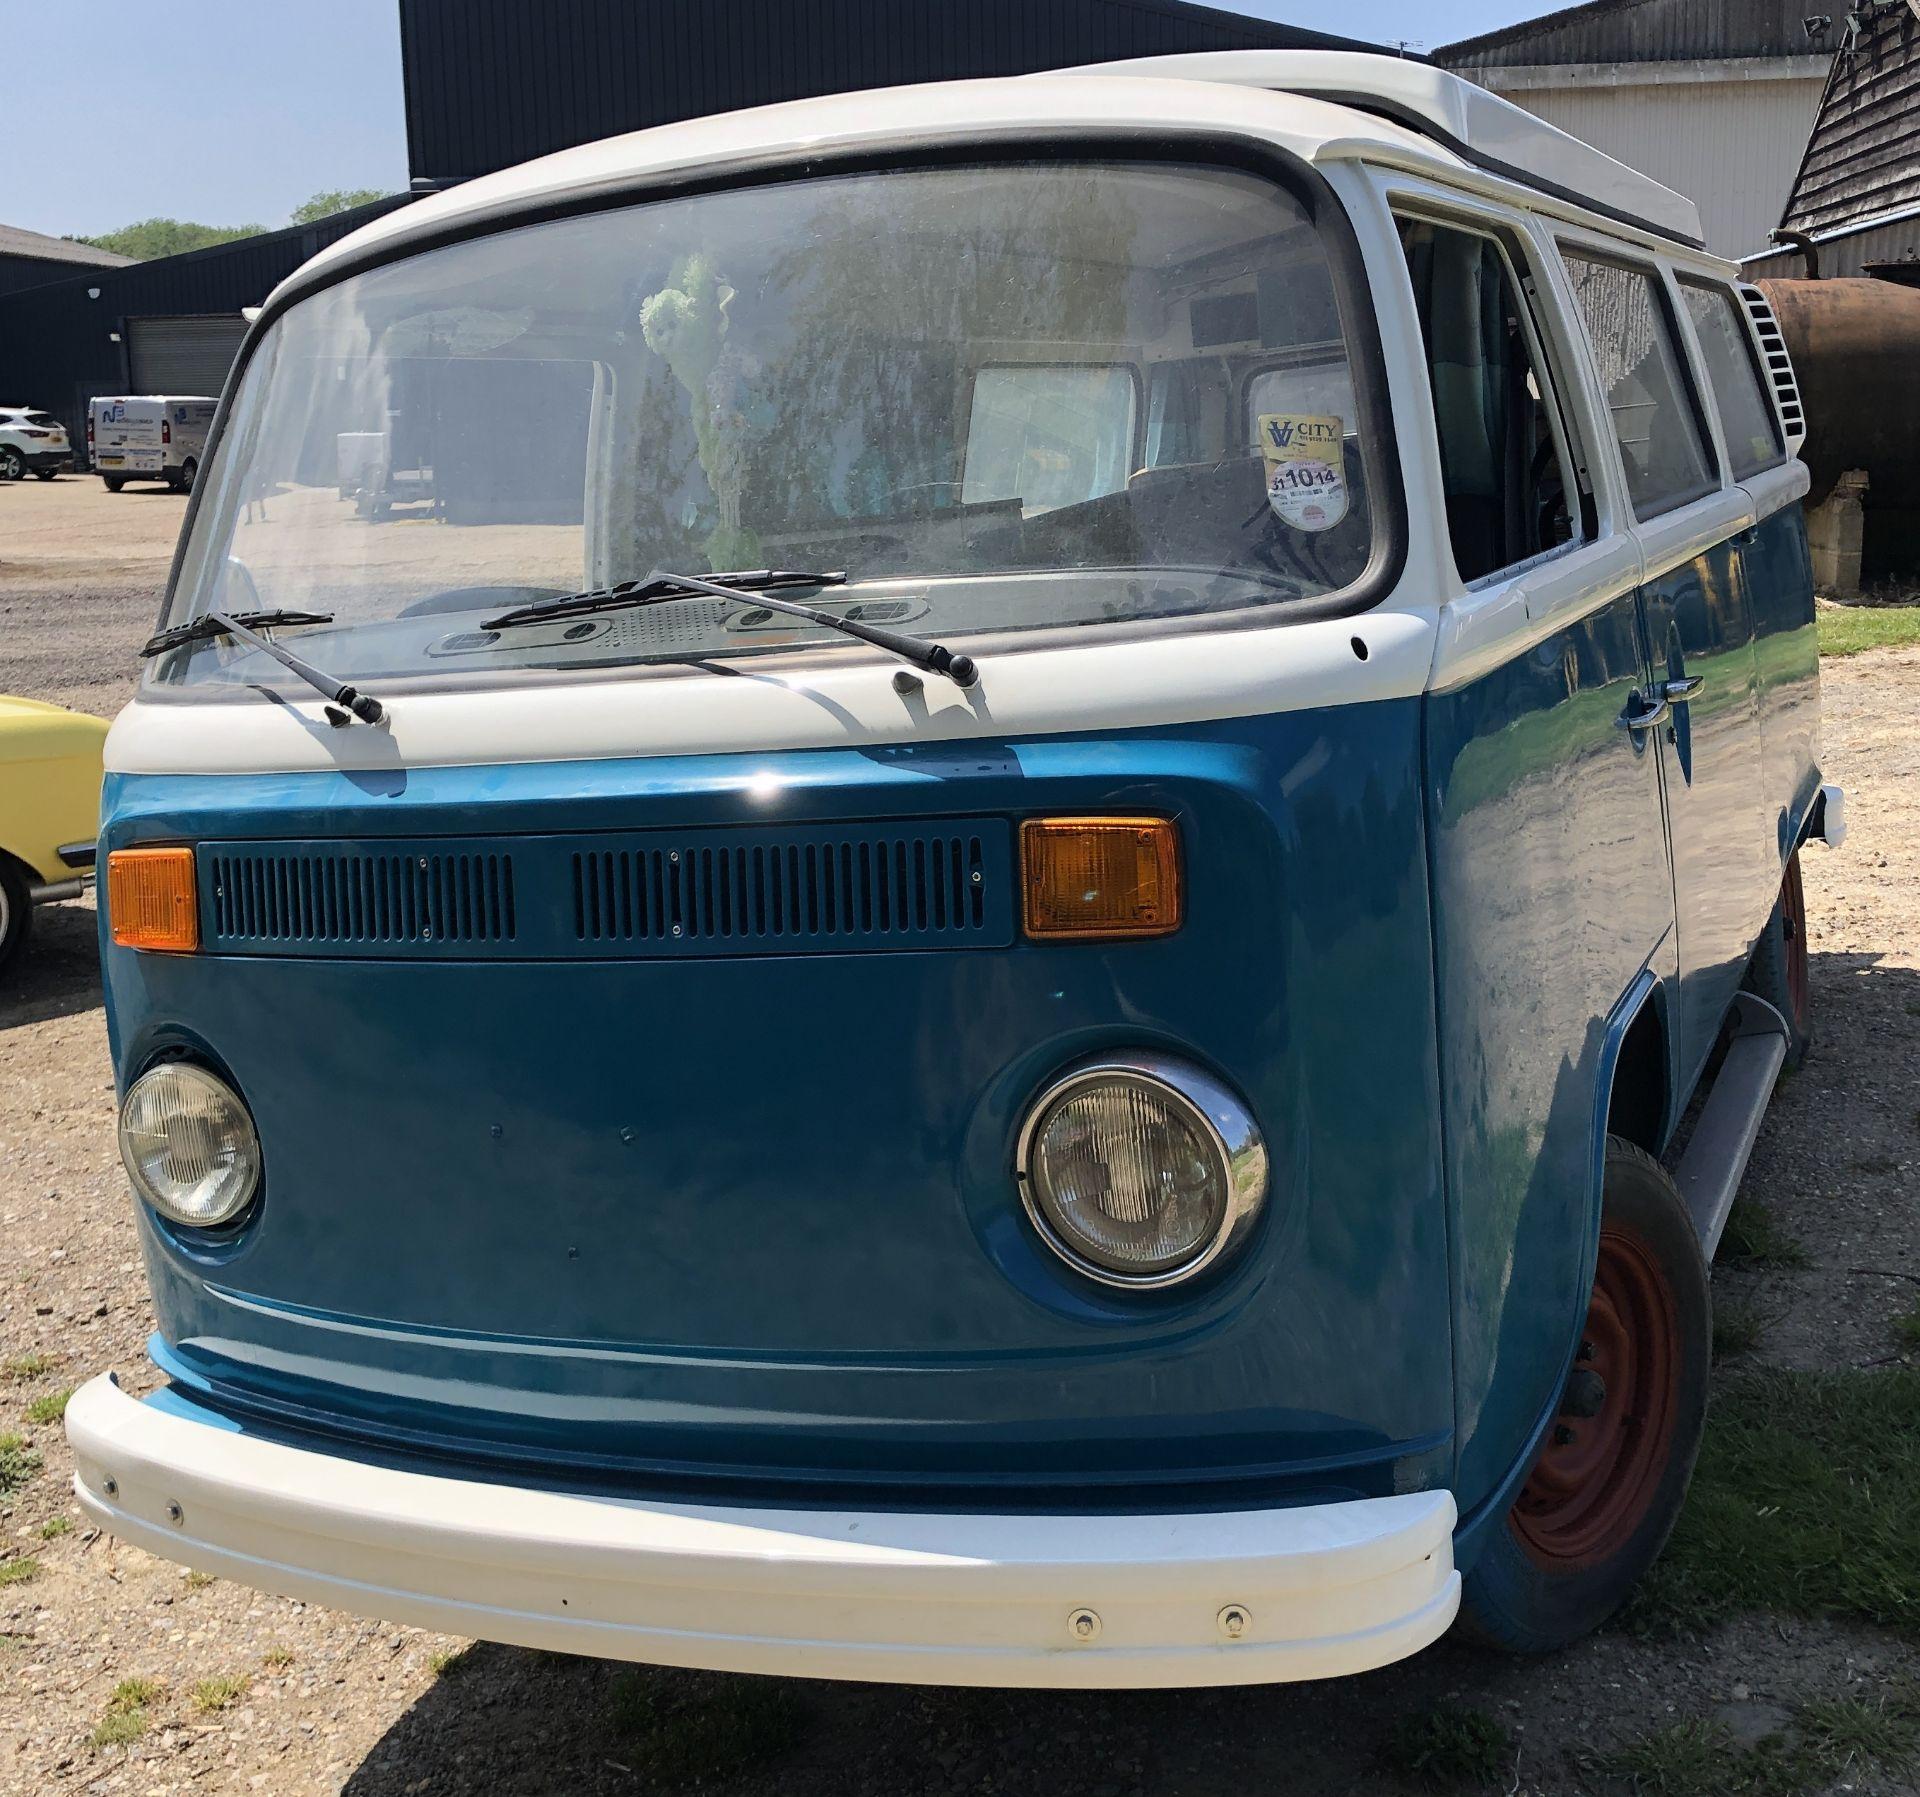 VW Microbus 8 Seater Caravanette Devon - 'Mr Blue' Petrol, Registration UMH 420S, First Registered - Image 4 of 47